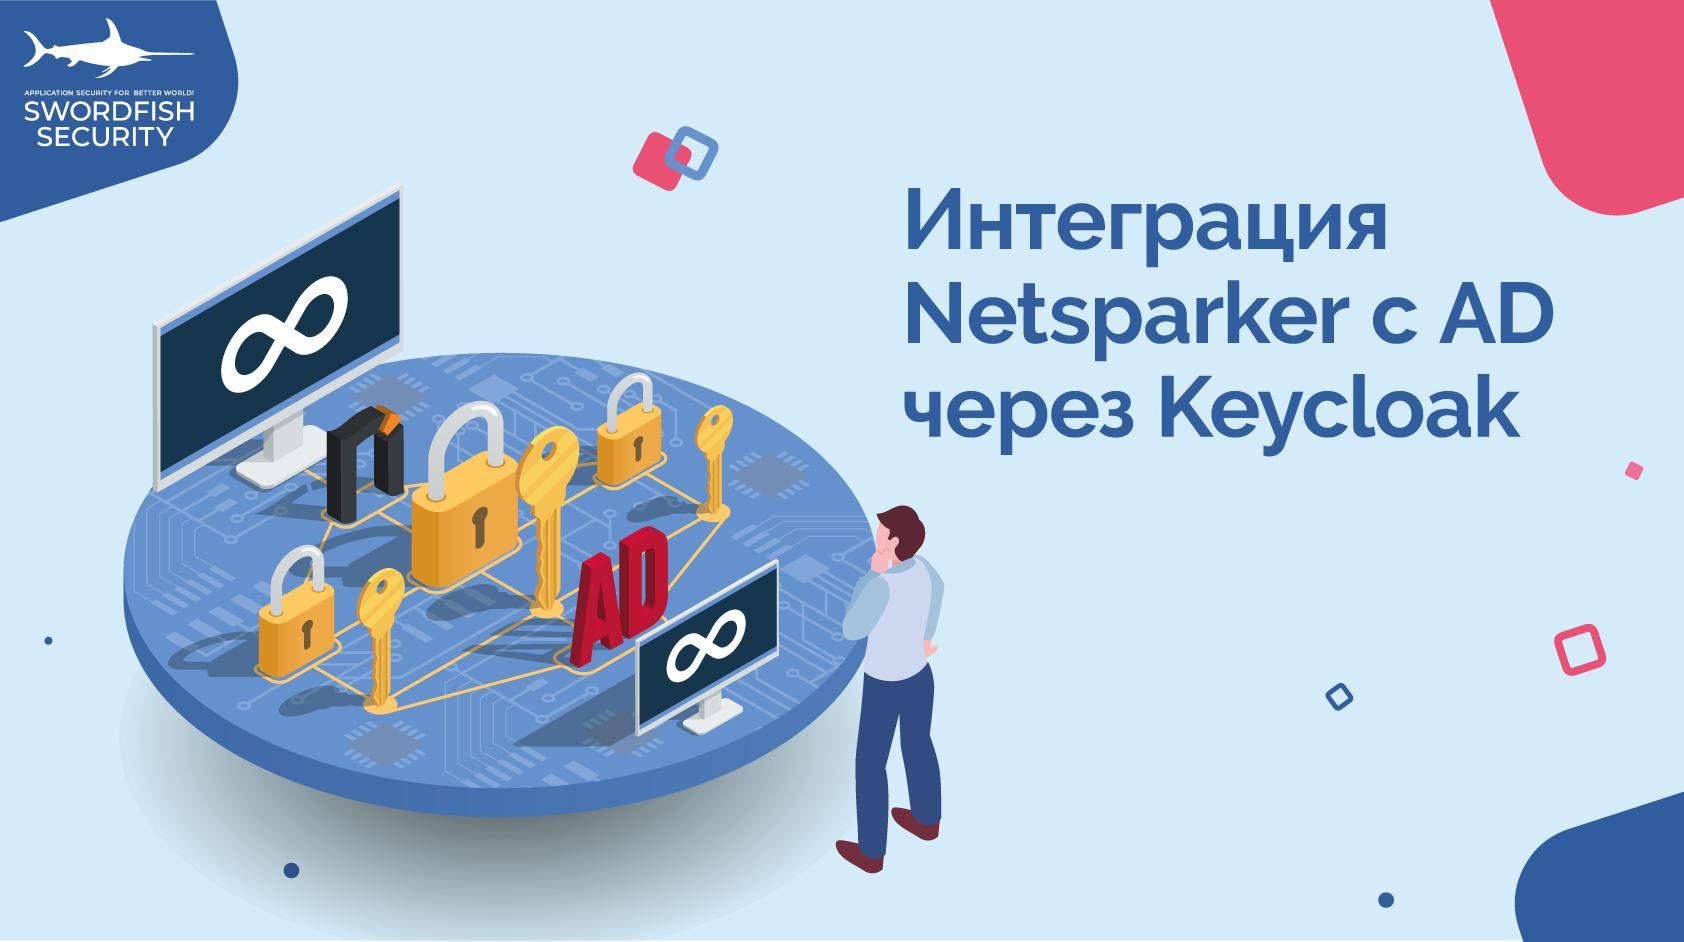 Интеграция Netsparker с AD через Keycloak